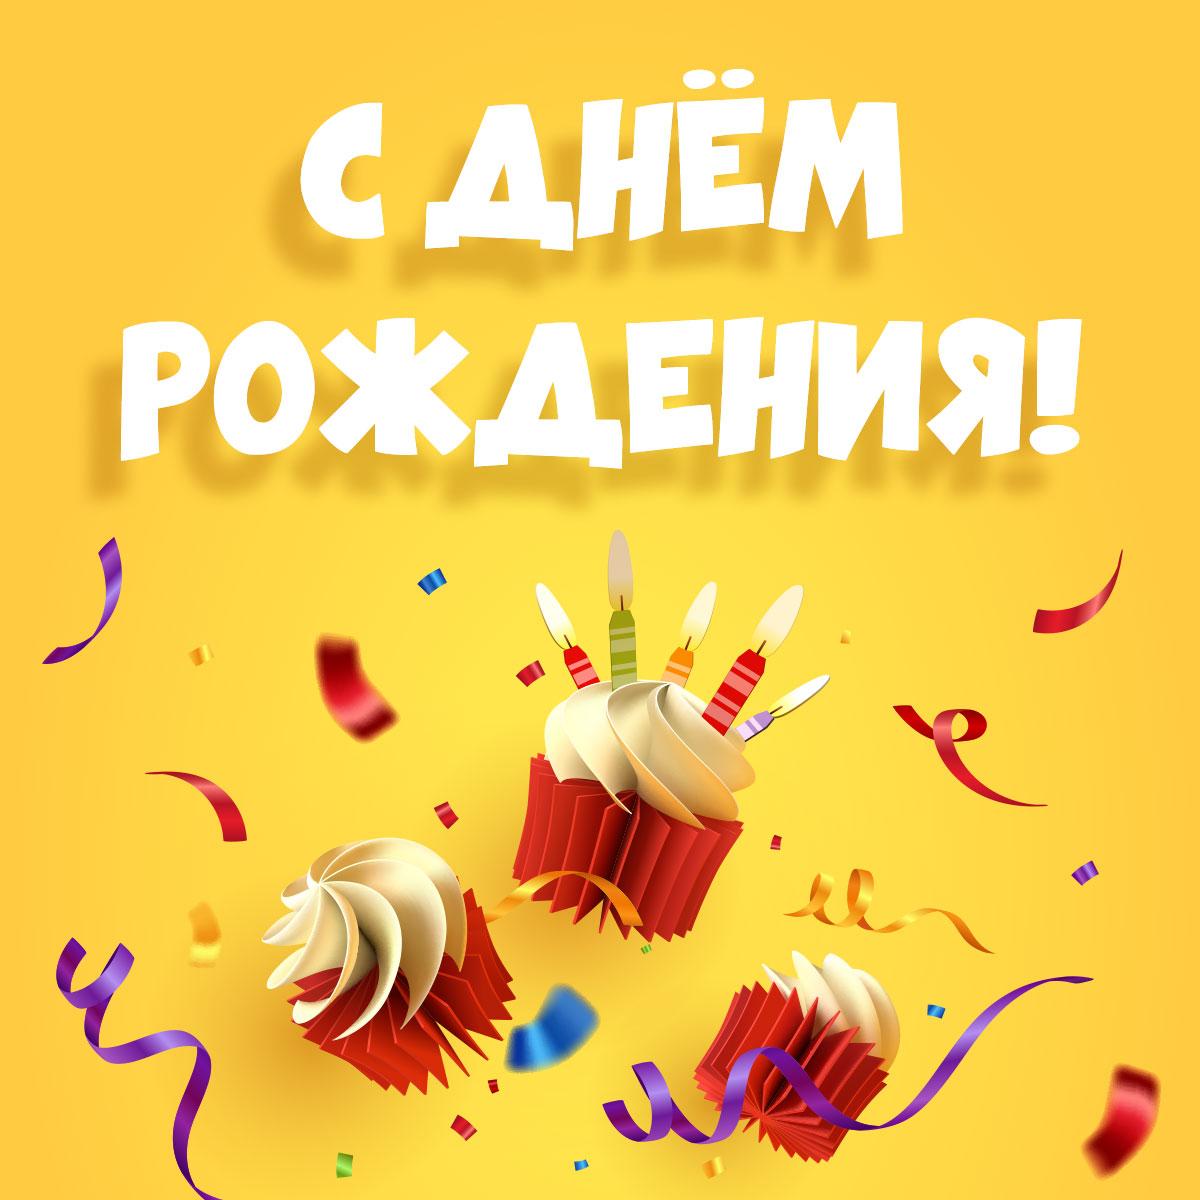 Картинка с текстом, открытка с днем рождения со сладостями: кексы маффины с кремом и свечами на жёлтом фоне